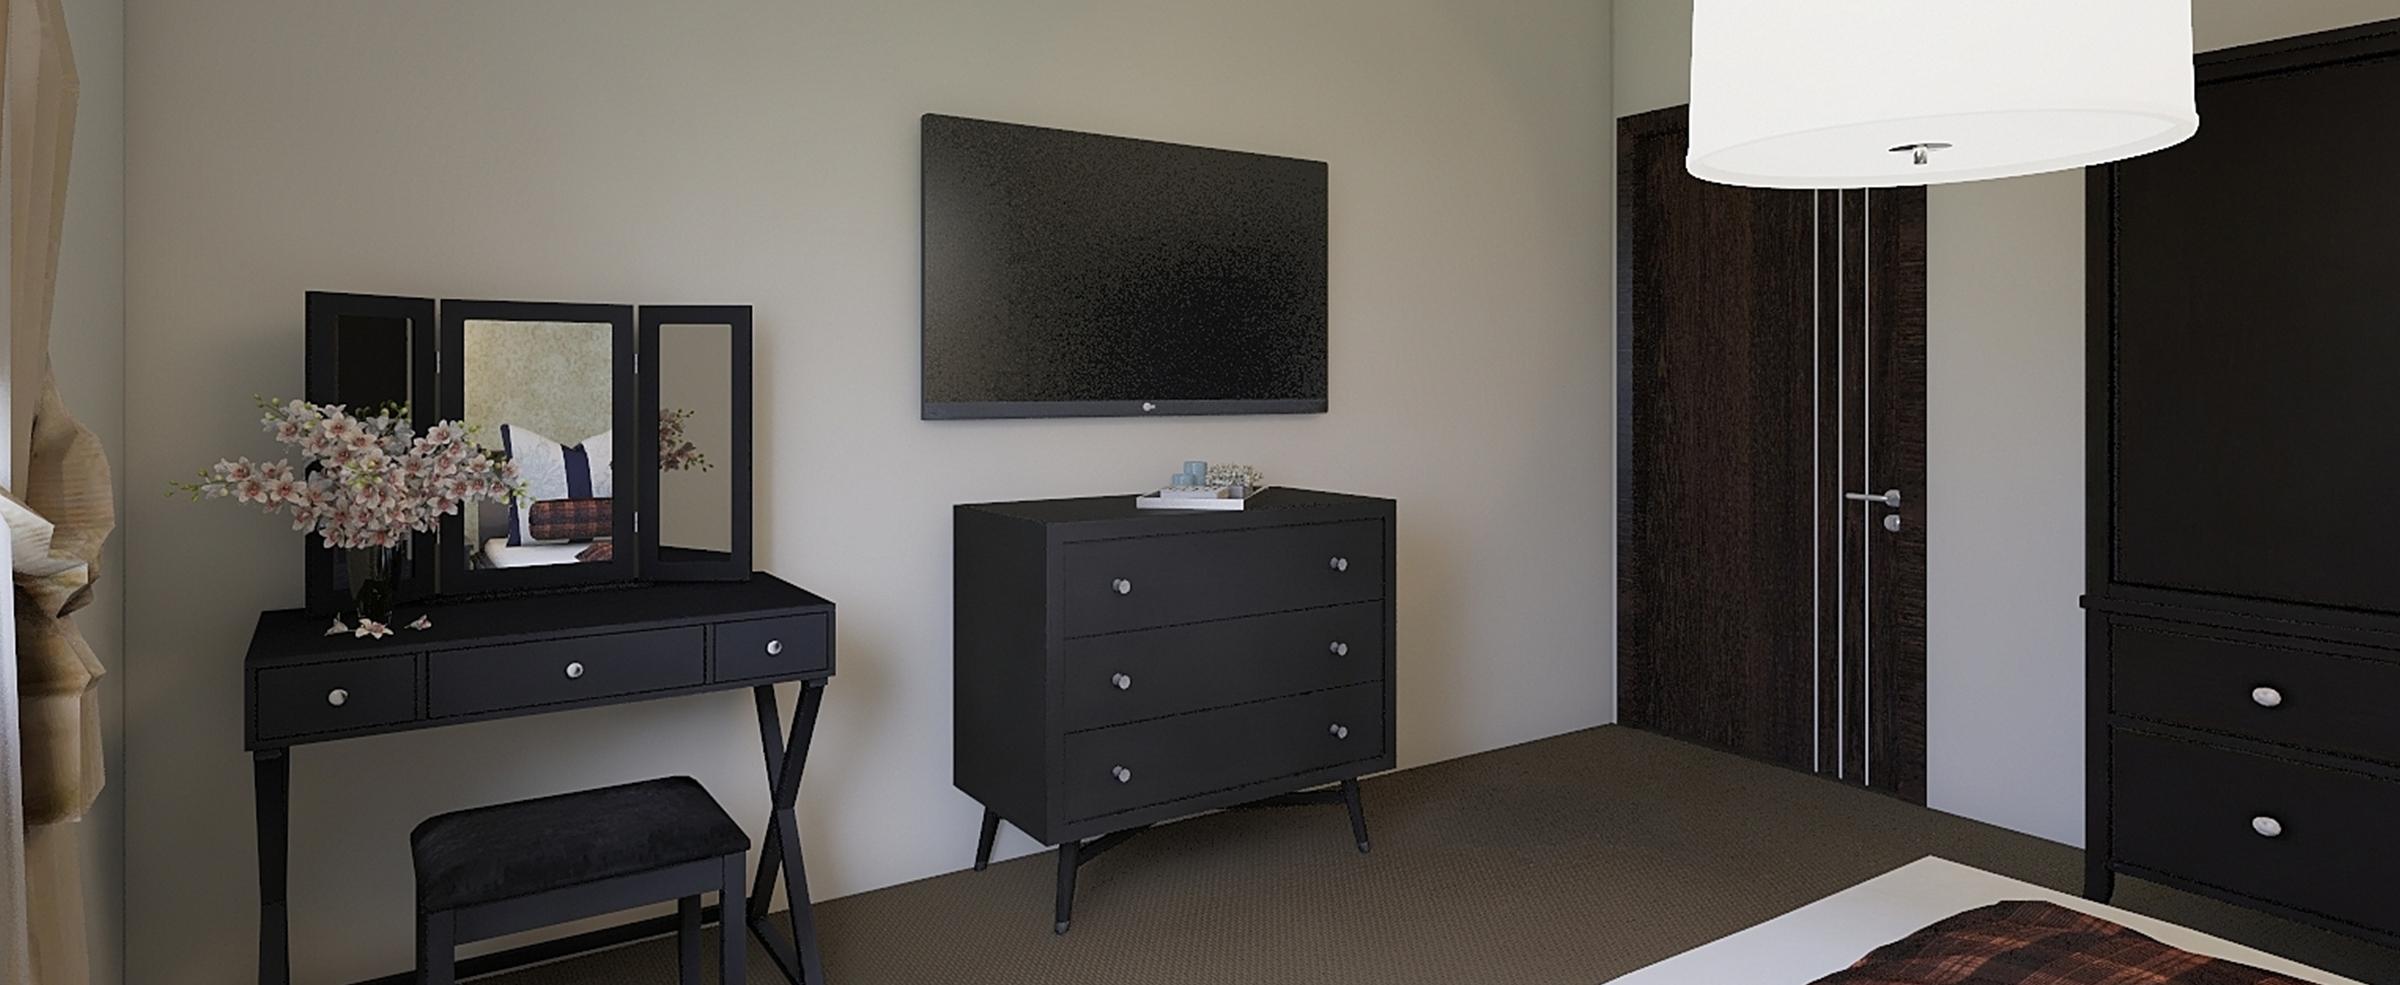 apartament-tip-c-poza-8